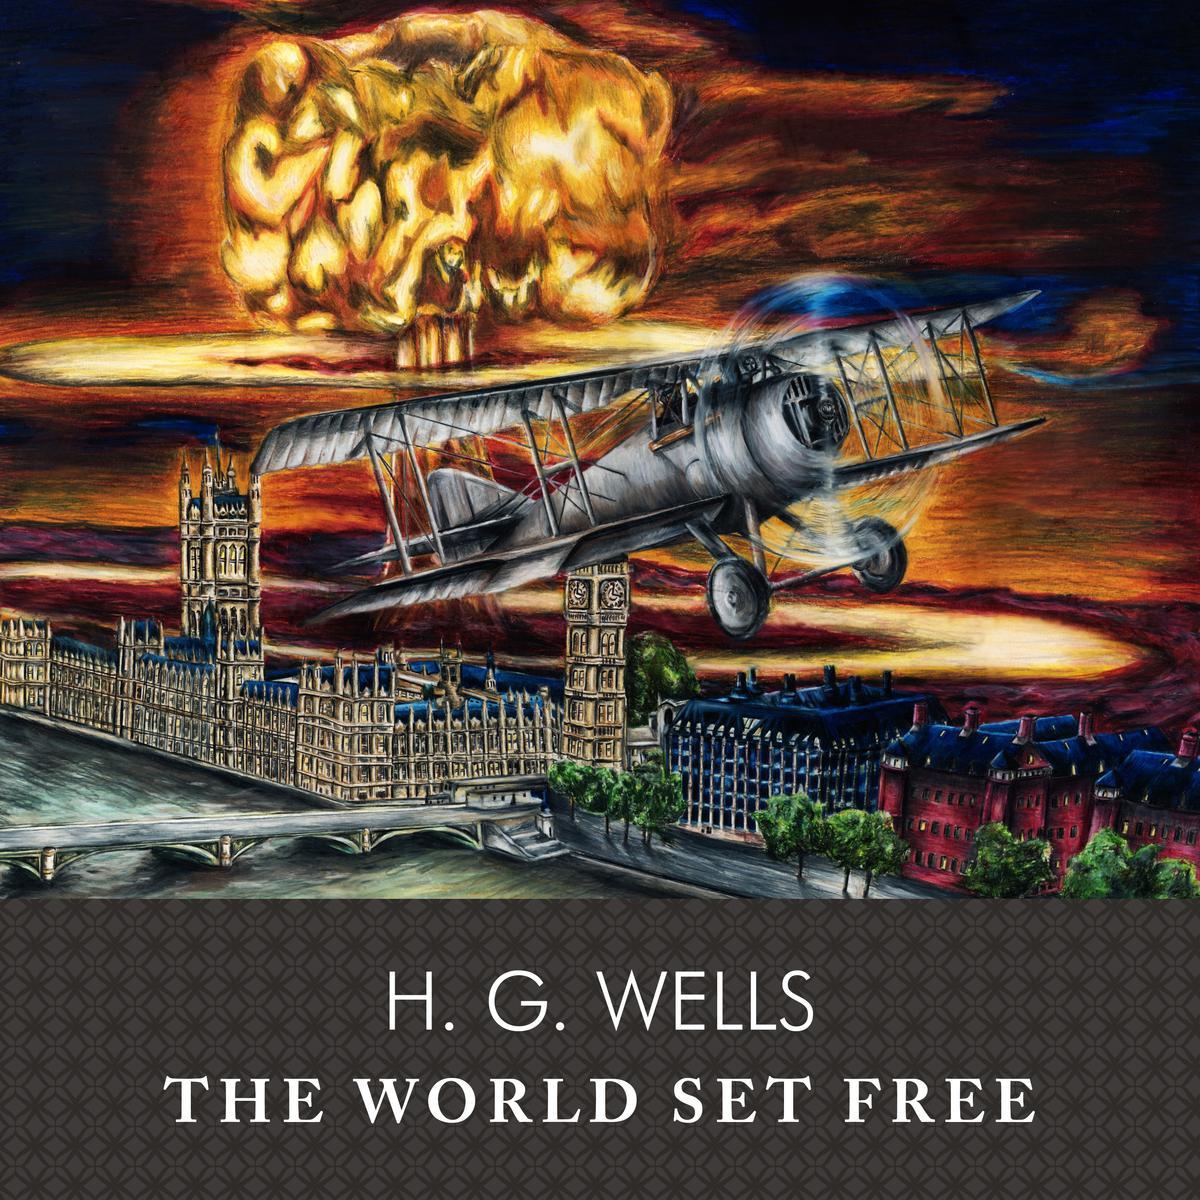 غلاف رواية «العالم يتحرر» والقنبلة الذرية في خلف الطائرة